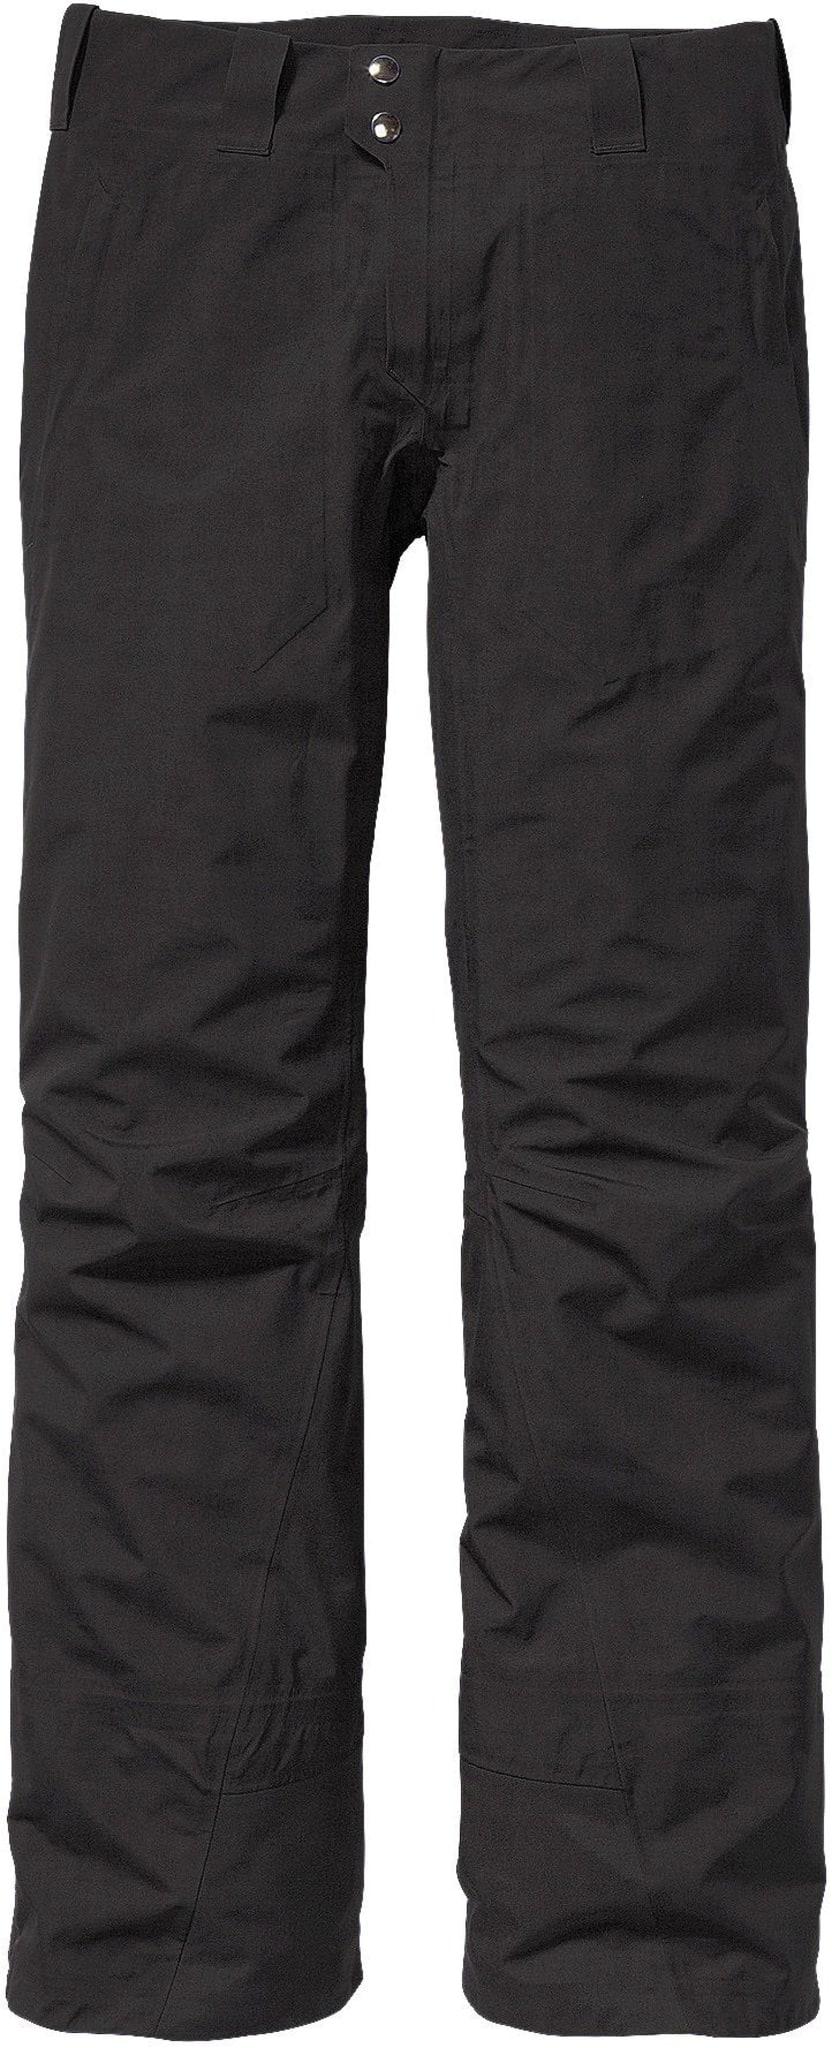 Vanntett bukse i GORE-TEX med glidelås i hele siden